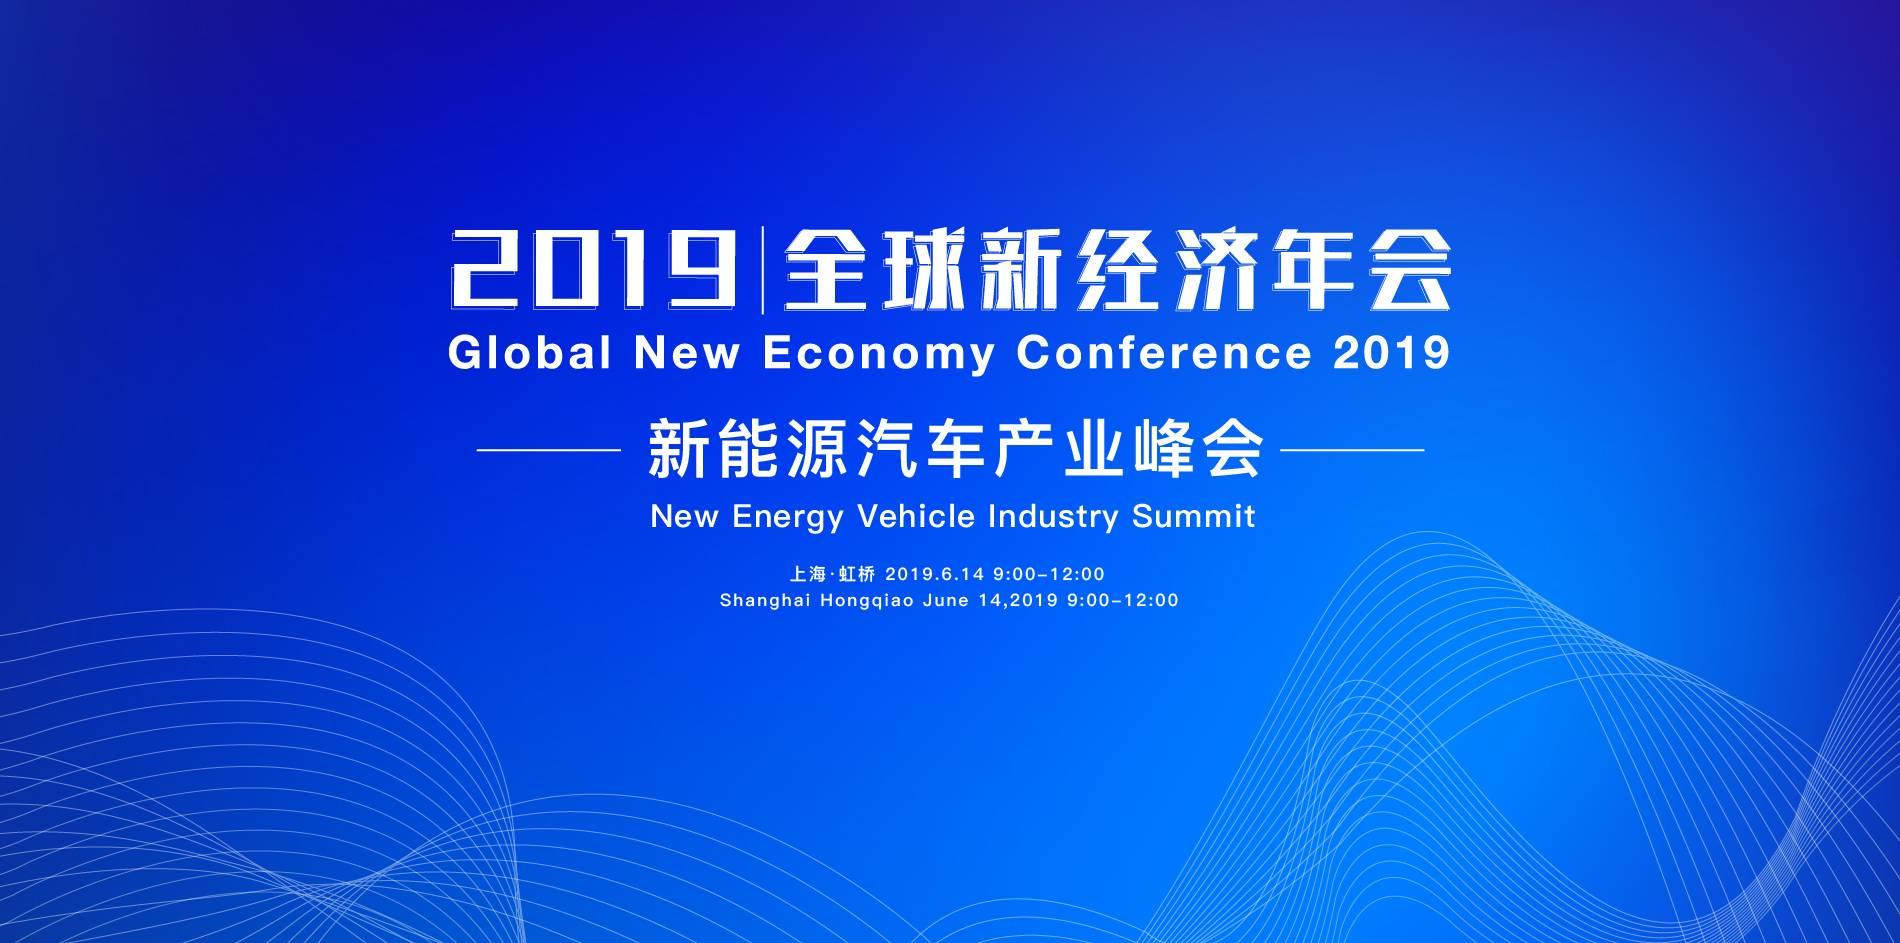 【活动】2019全球新经济年会-新能源汽车产业峰会-亿欧